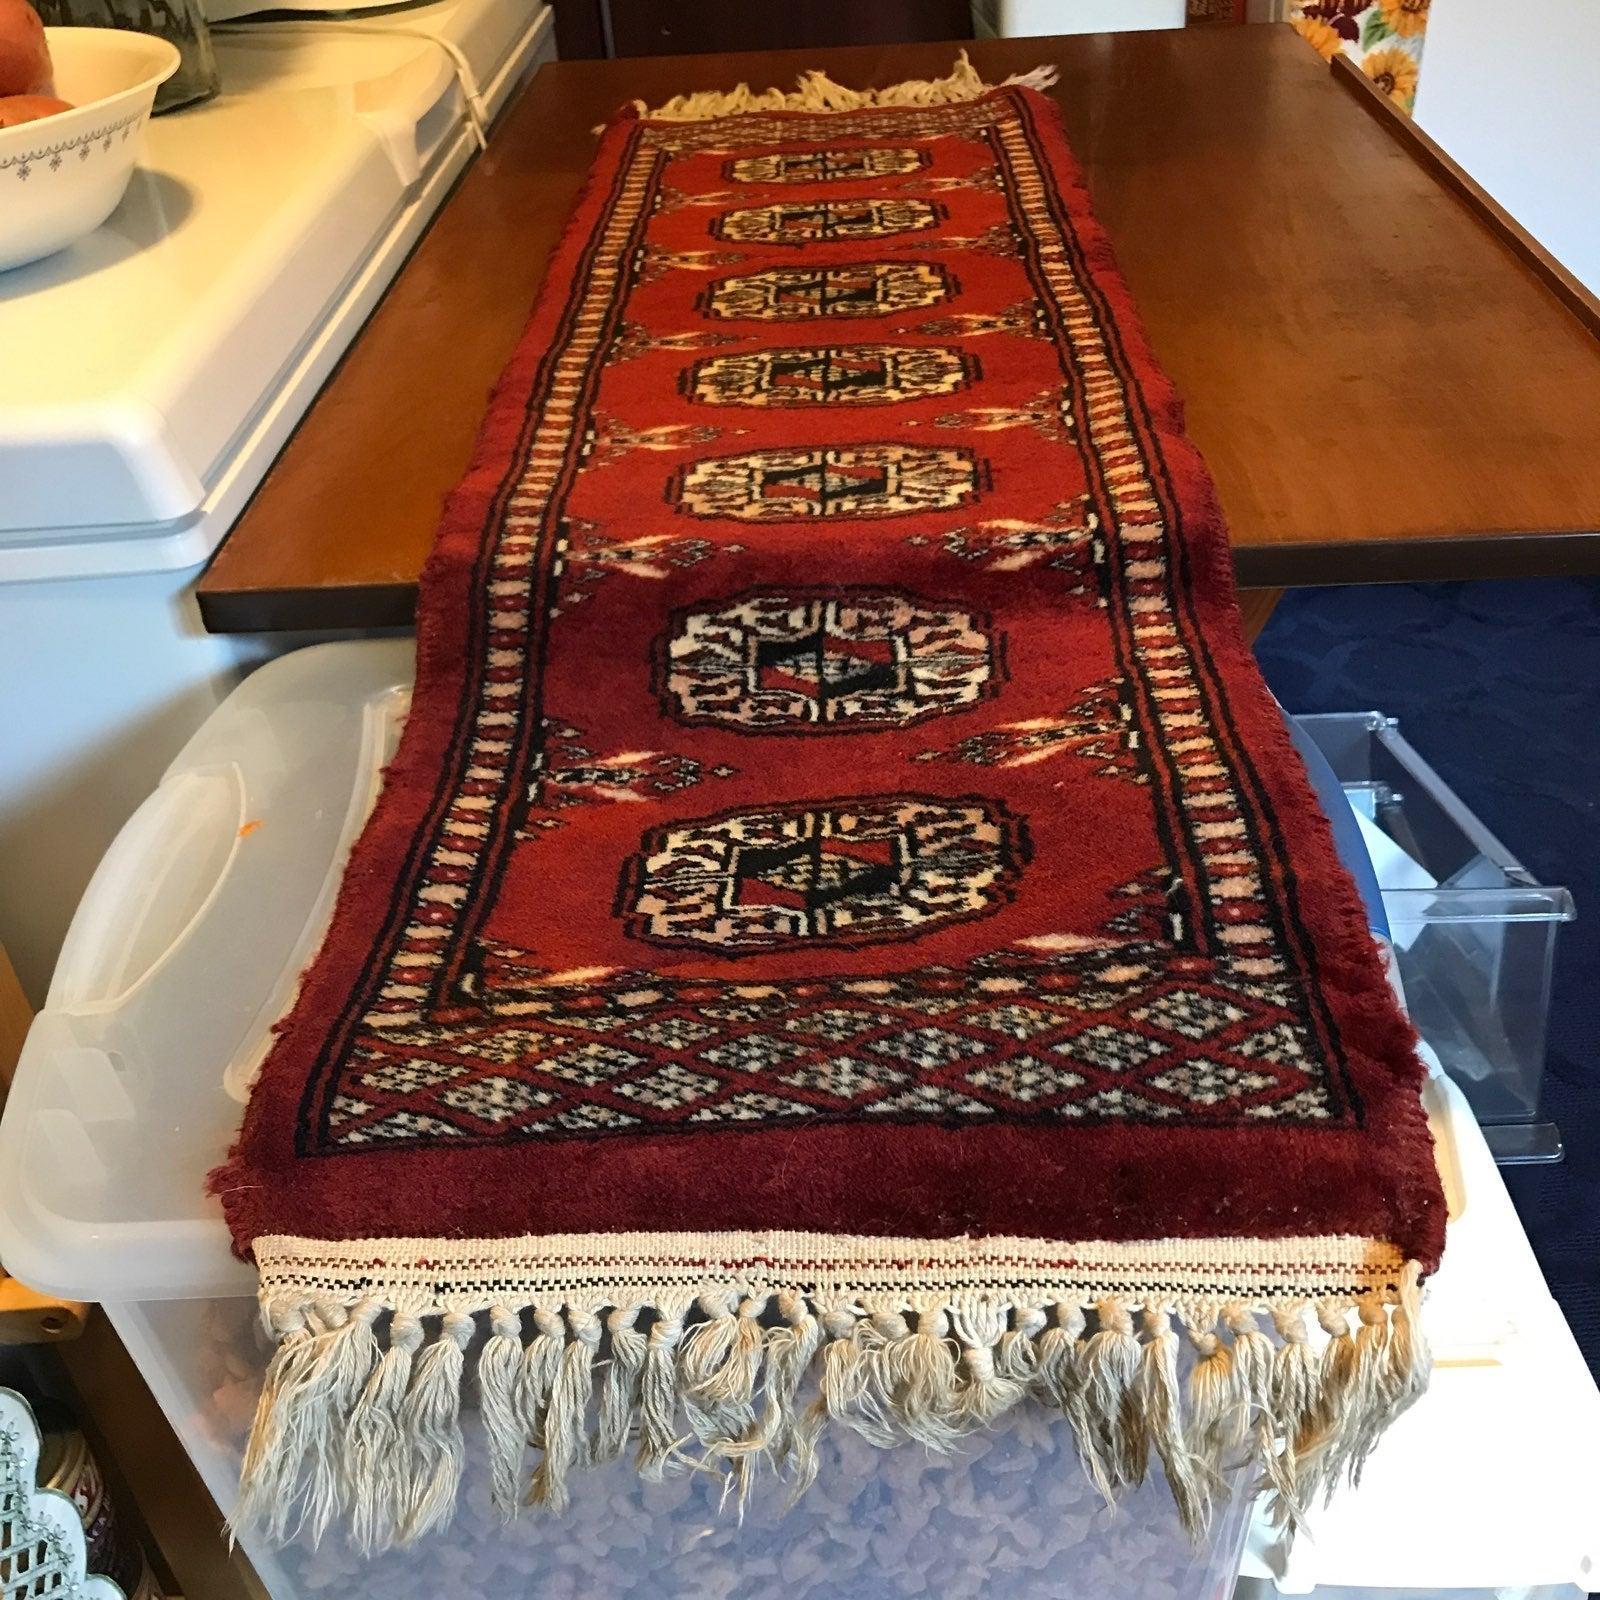 hand woven carpet rug / table runner